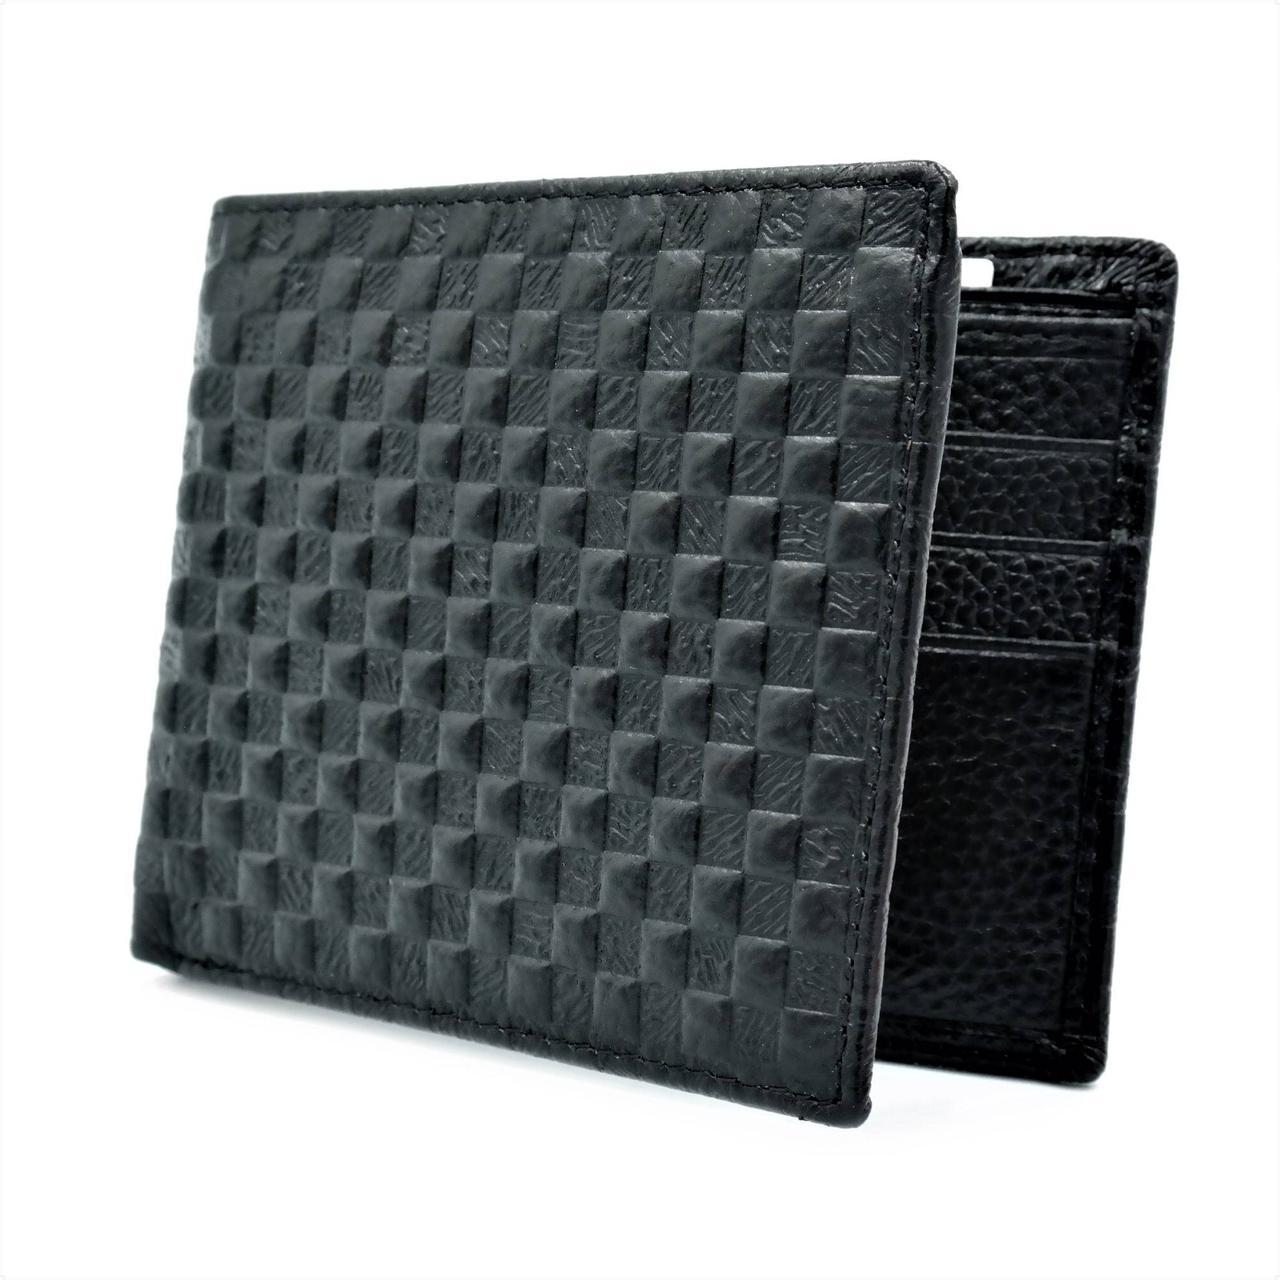 Чоловічий шкіряний гаманець Чорний (nw-k-8916-15-1)